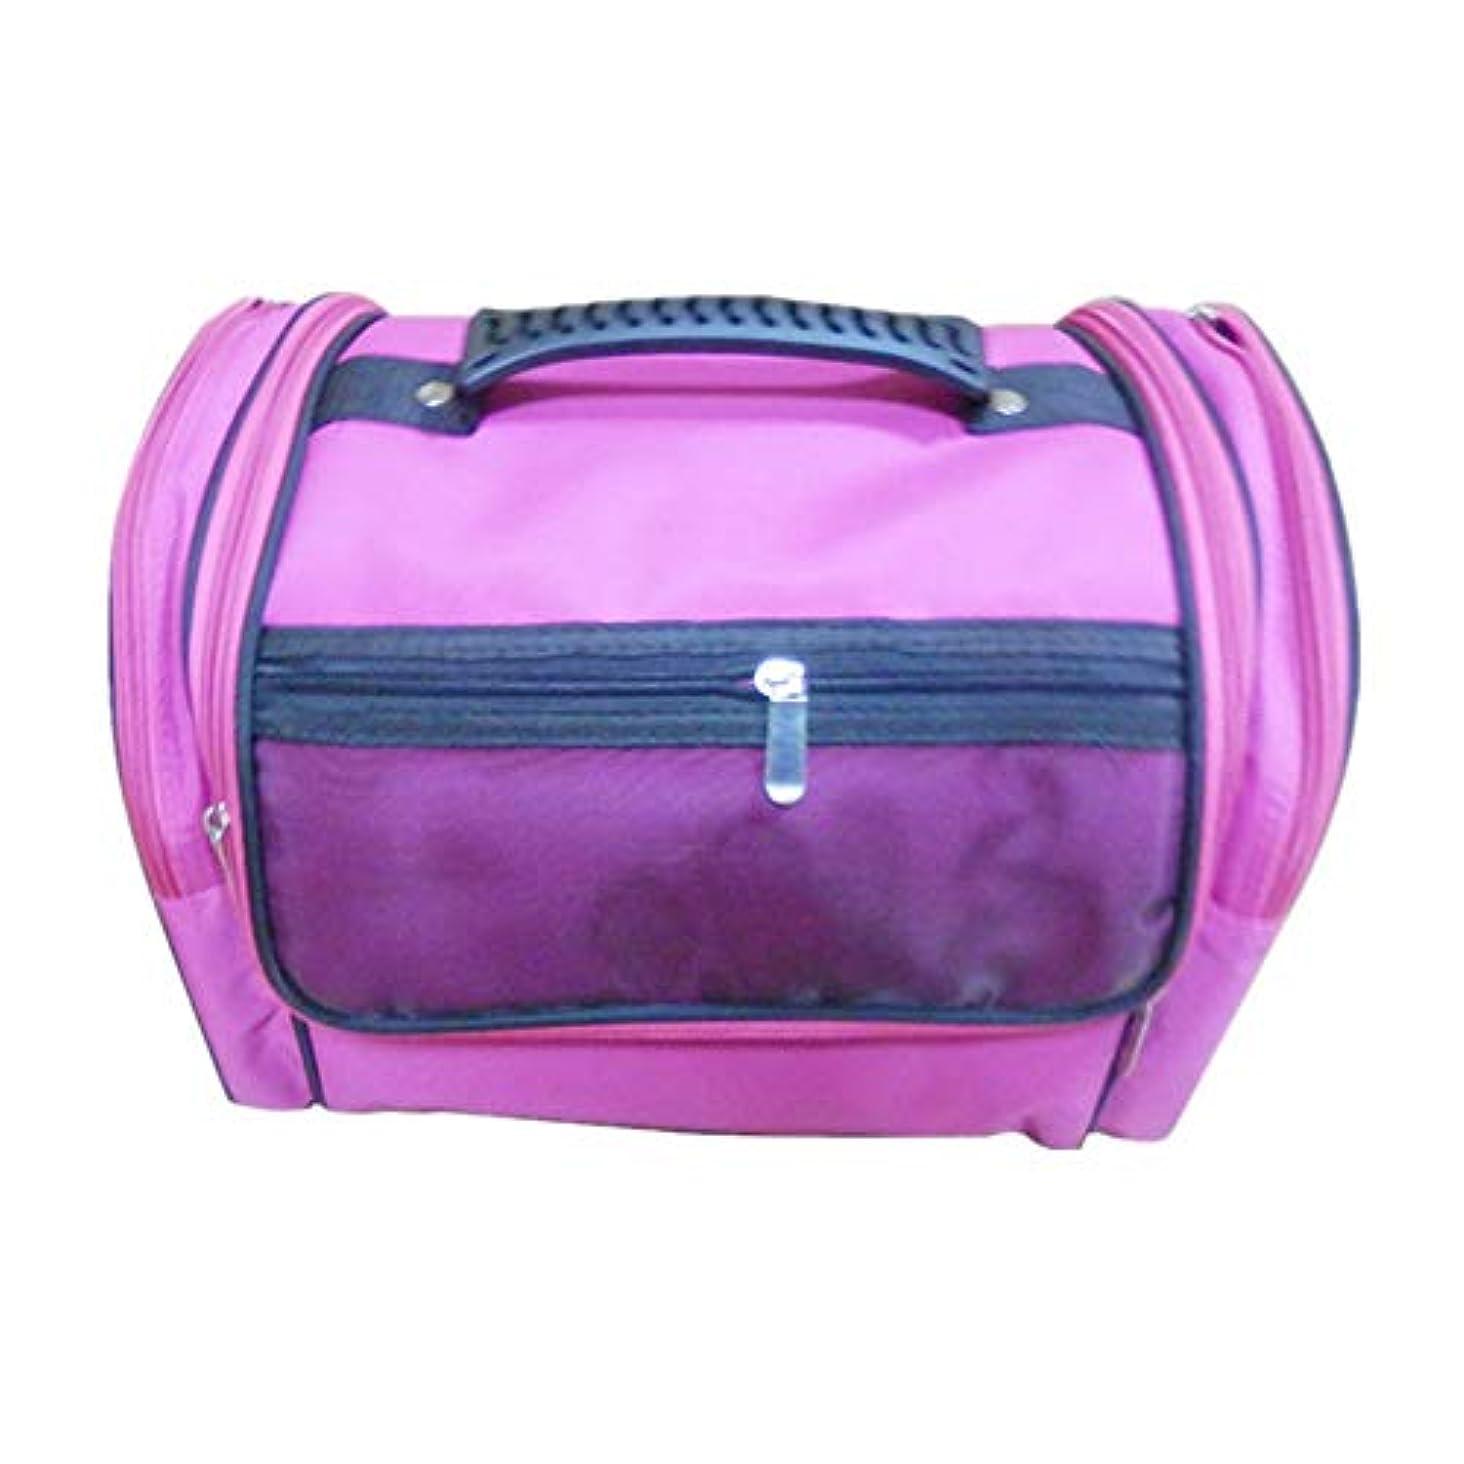 メロドラマ与える農学化粧オーガナイザーバッグ 高容量カジュアルポータ??ブルキャンバス化粧品バッグ旅行のための美容メイクアップとジッパーで毎日のストレージ 化粧品ケース